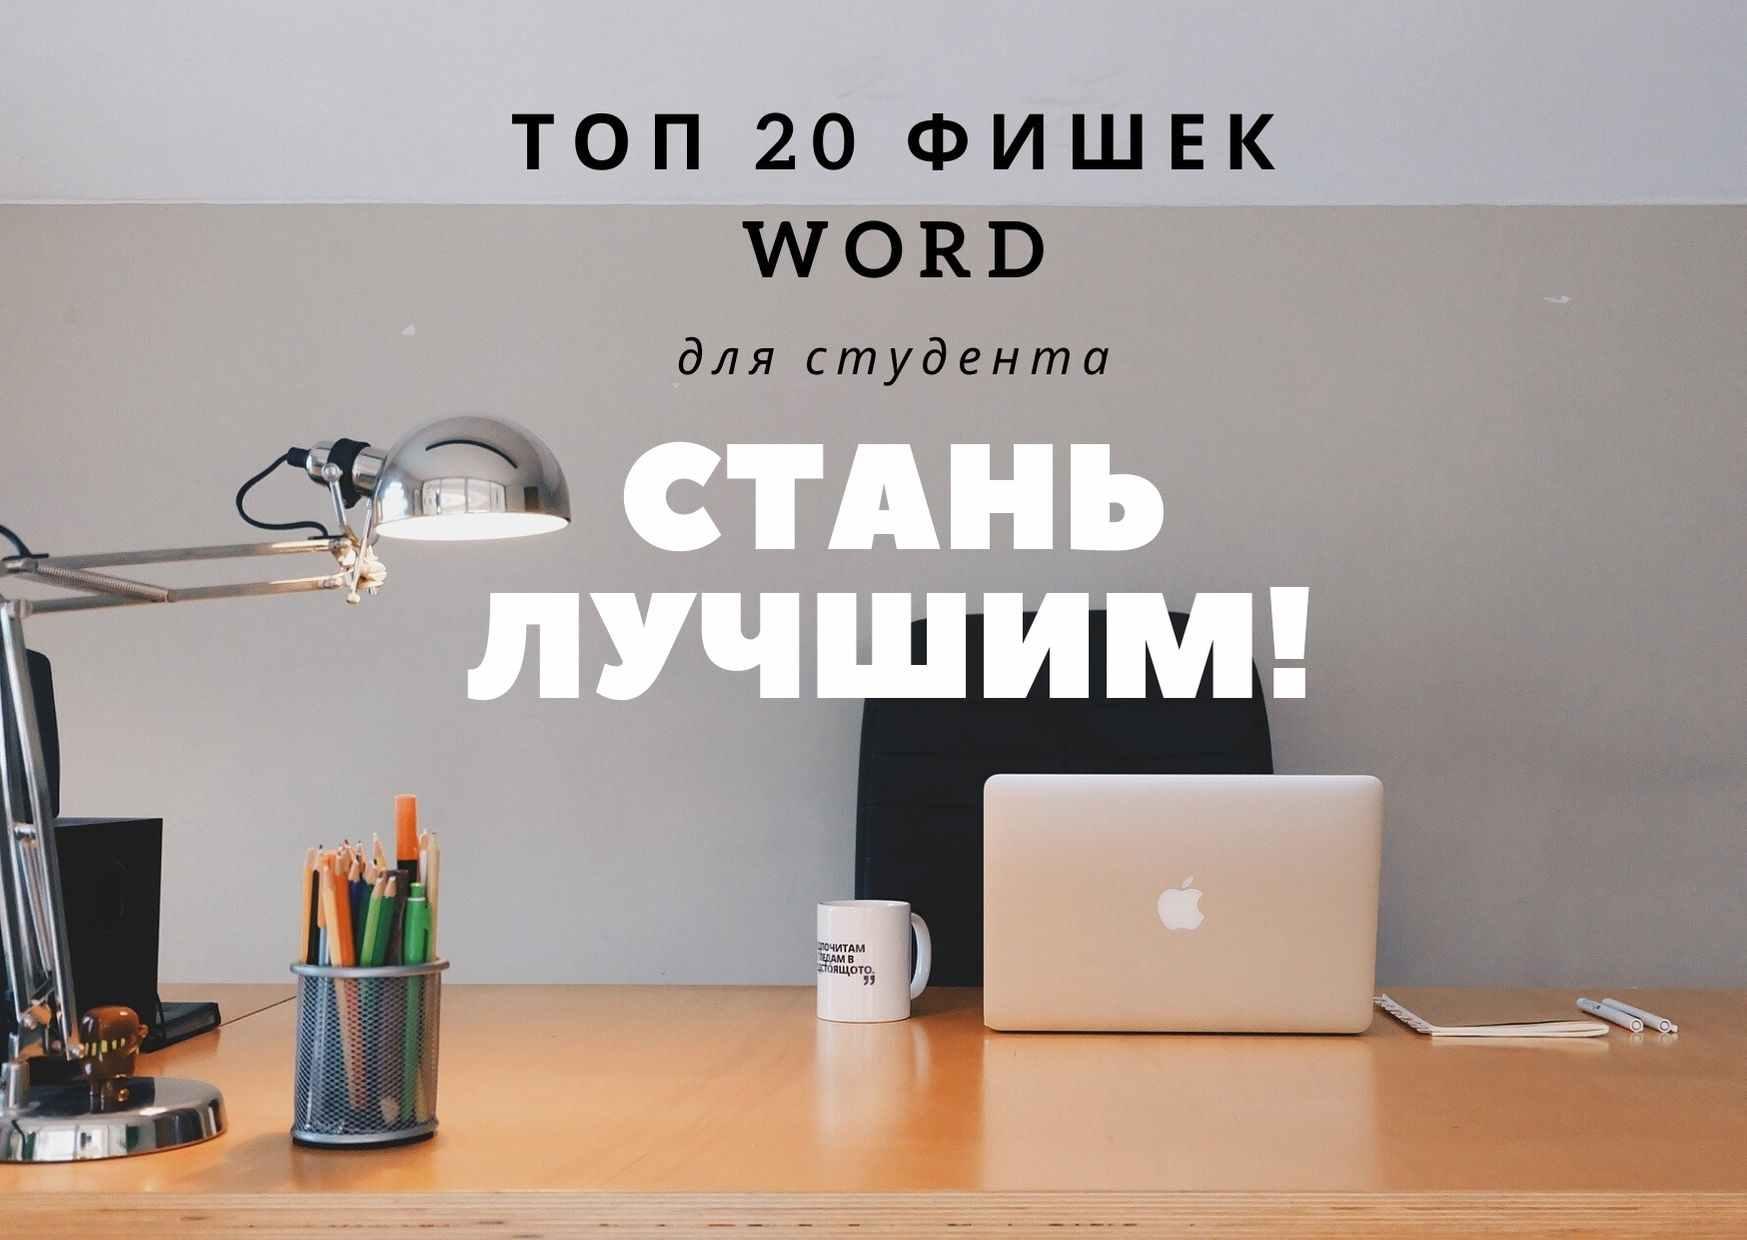 Топ 20 фишек word для студента. Стань лучшим!